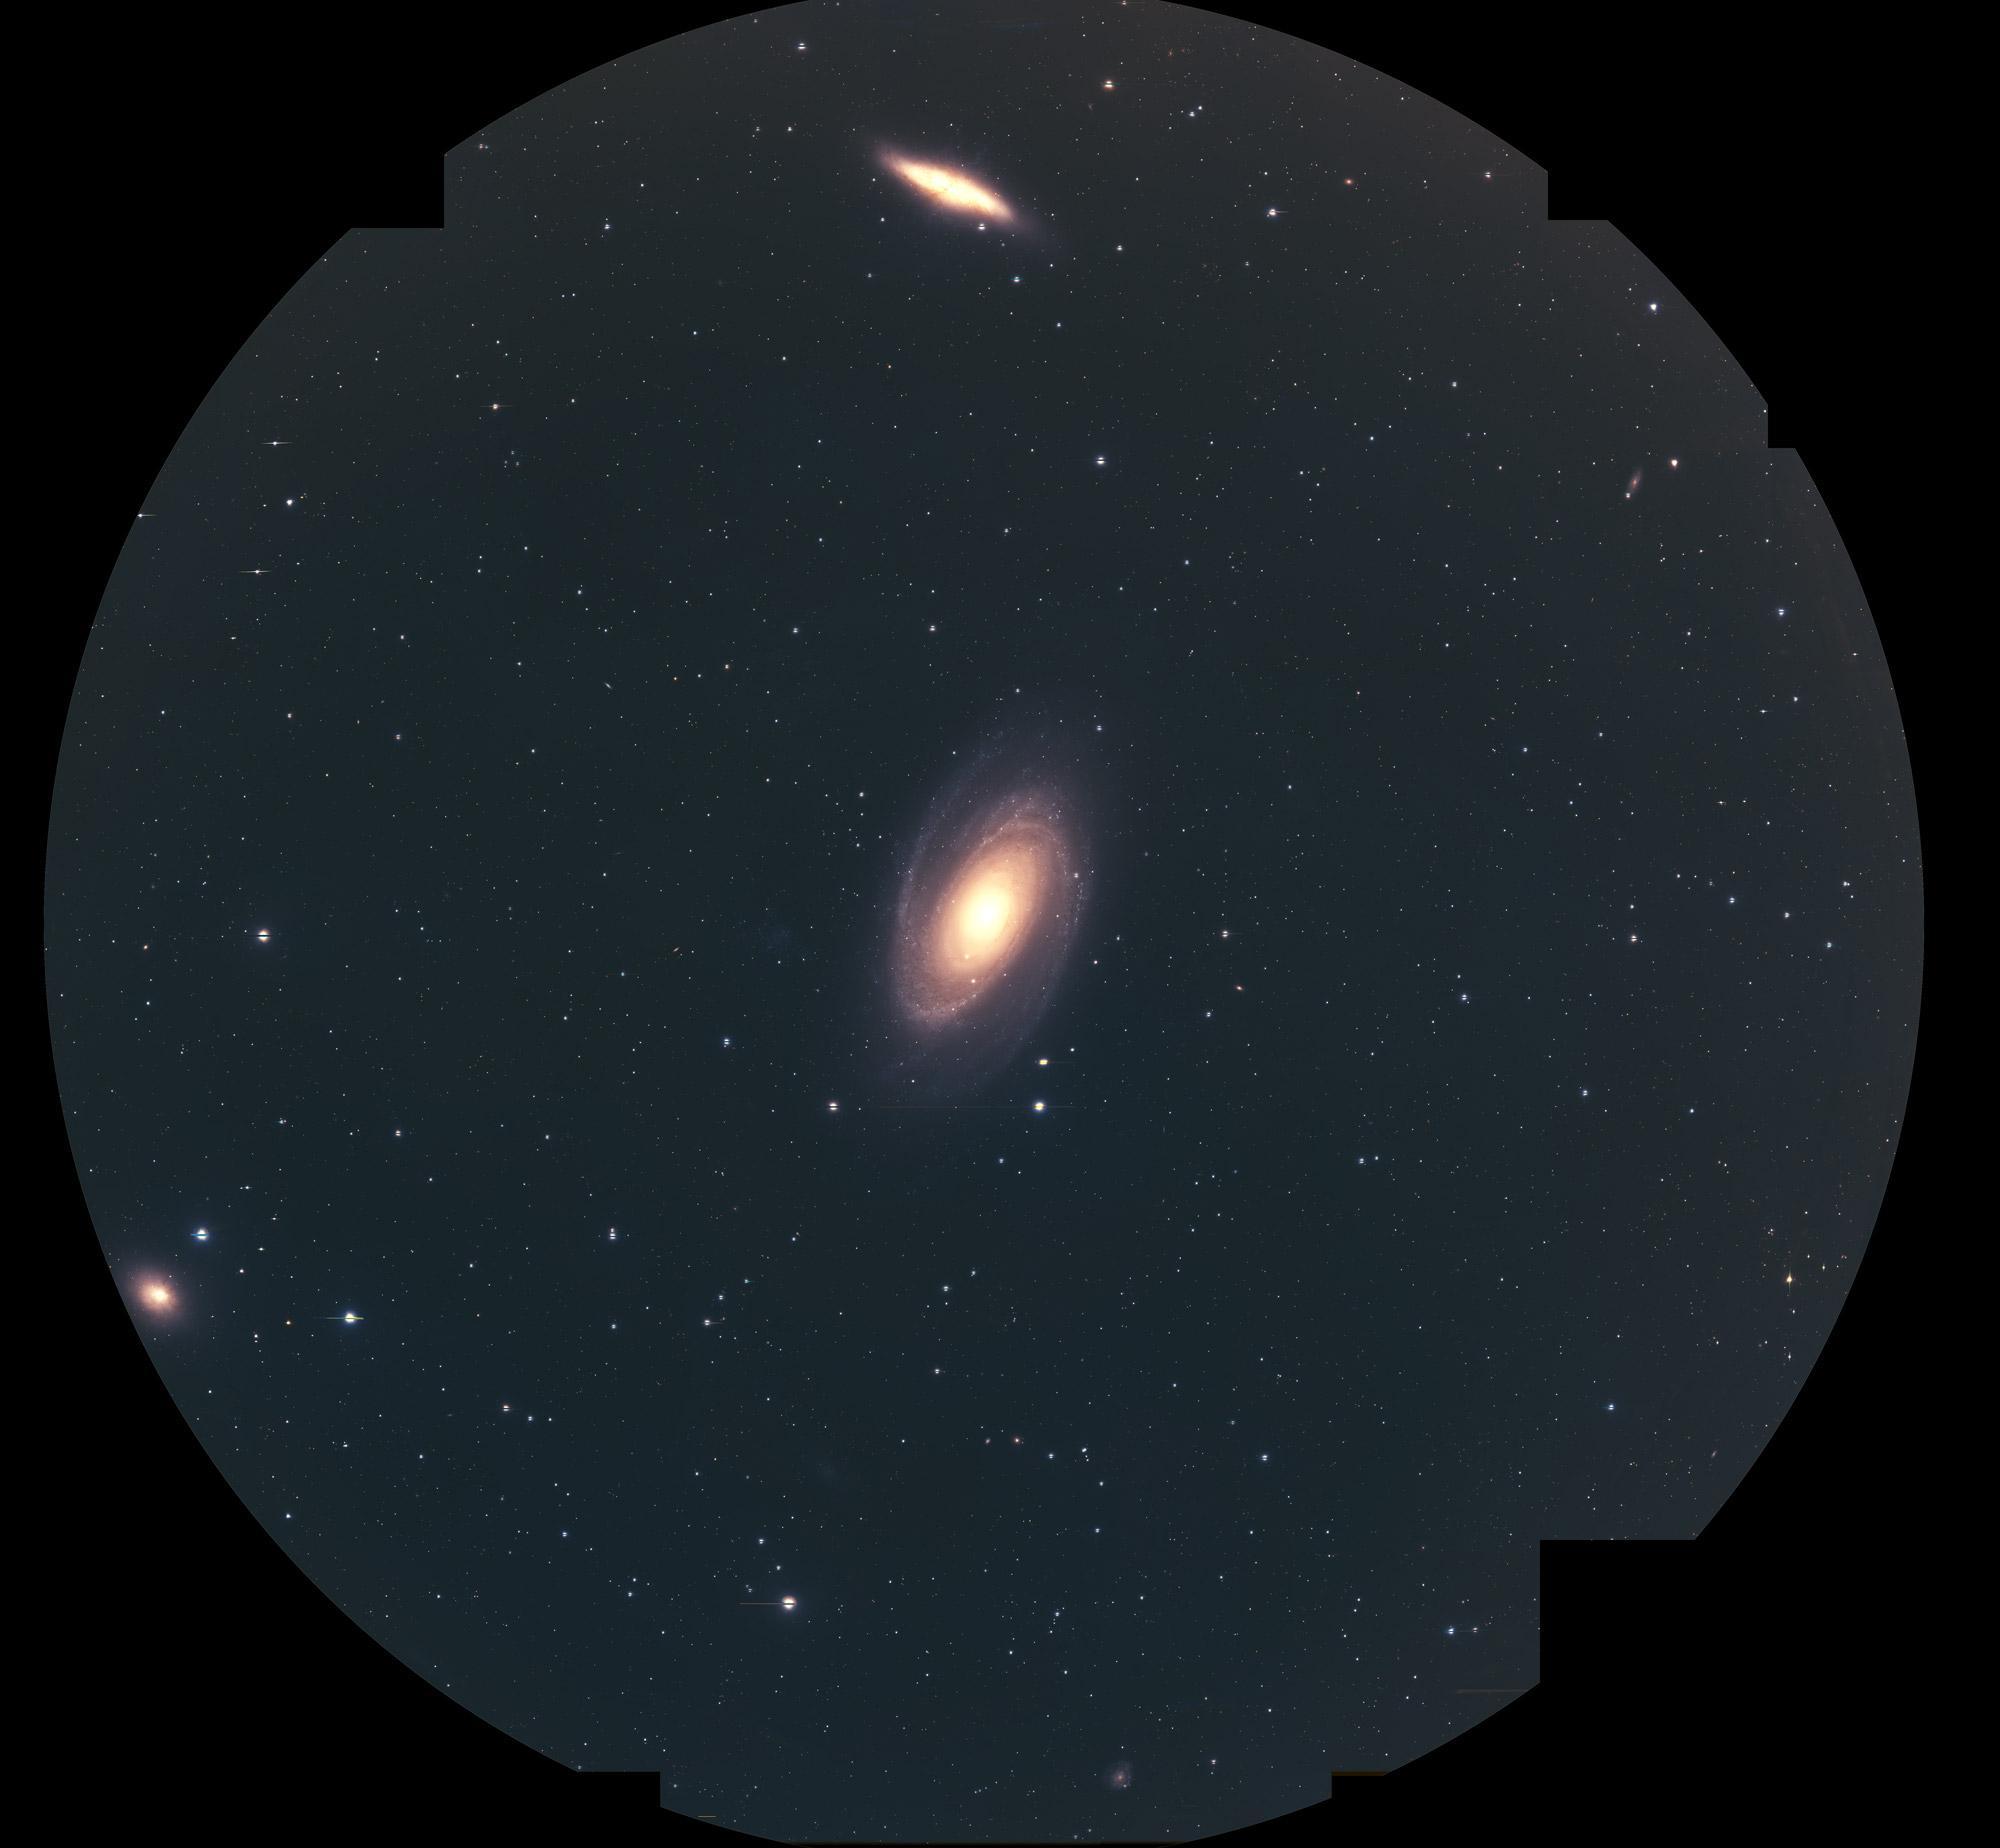 超広視野主焦点カメラ HSC で挑む M81 銀河考古学 図